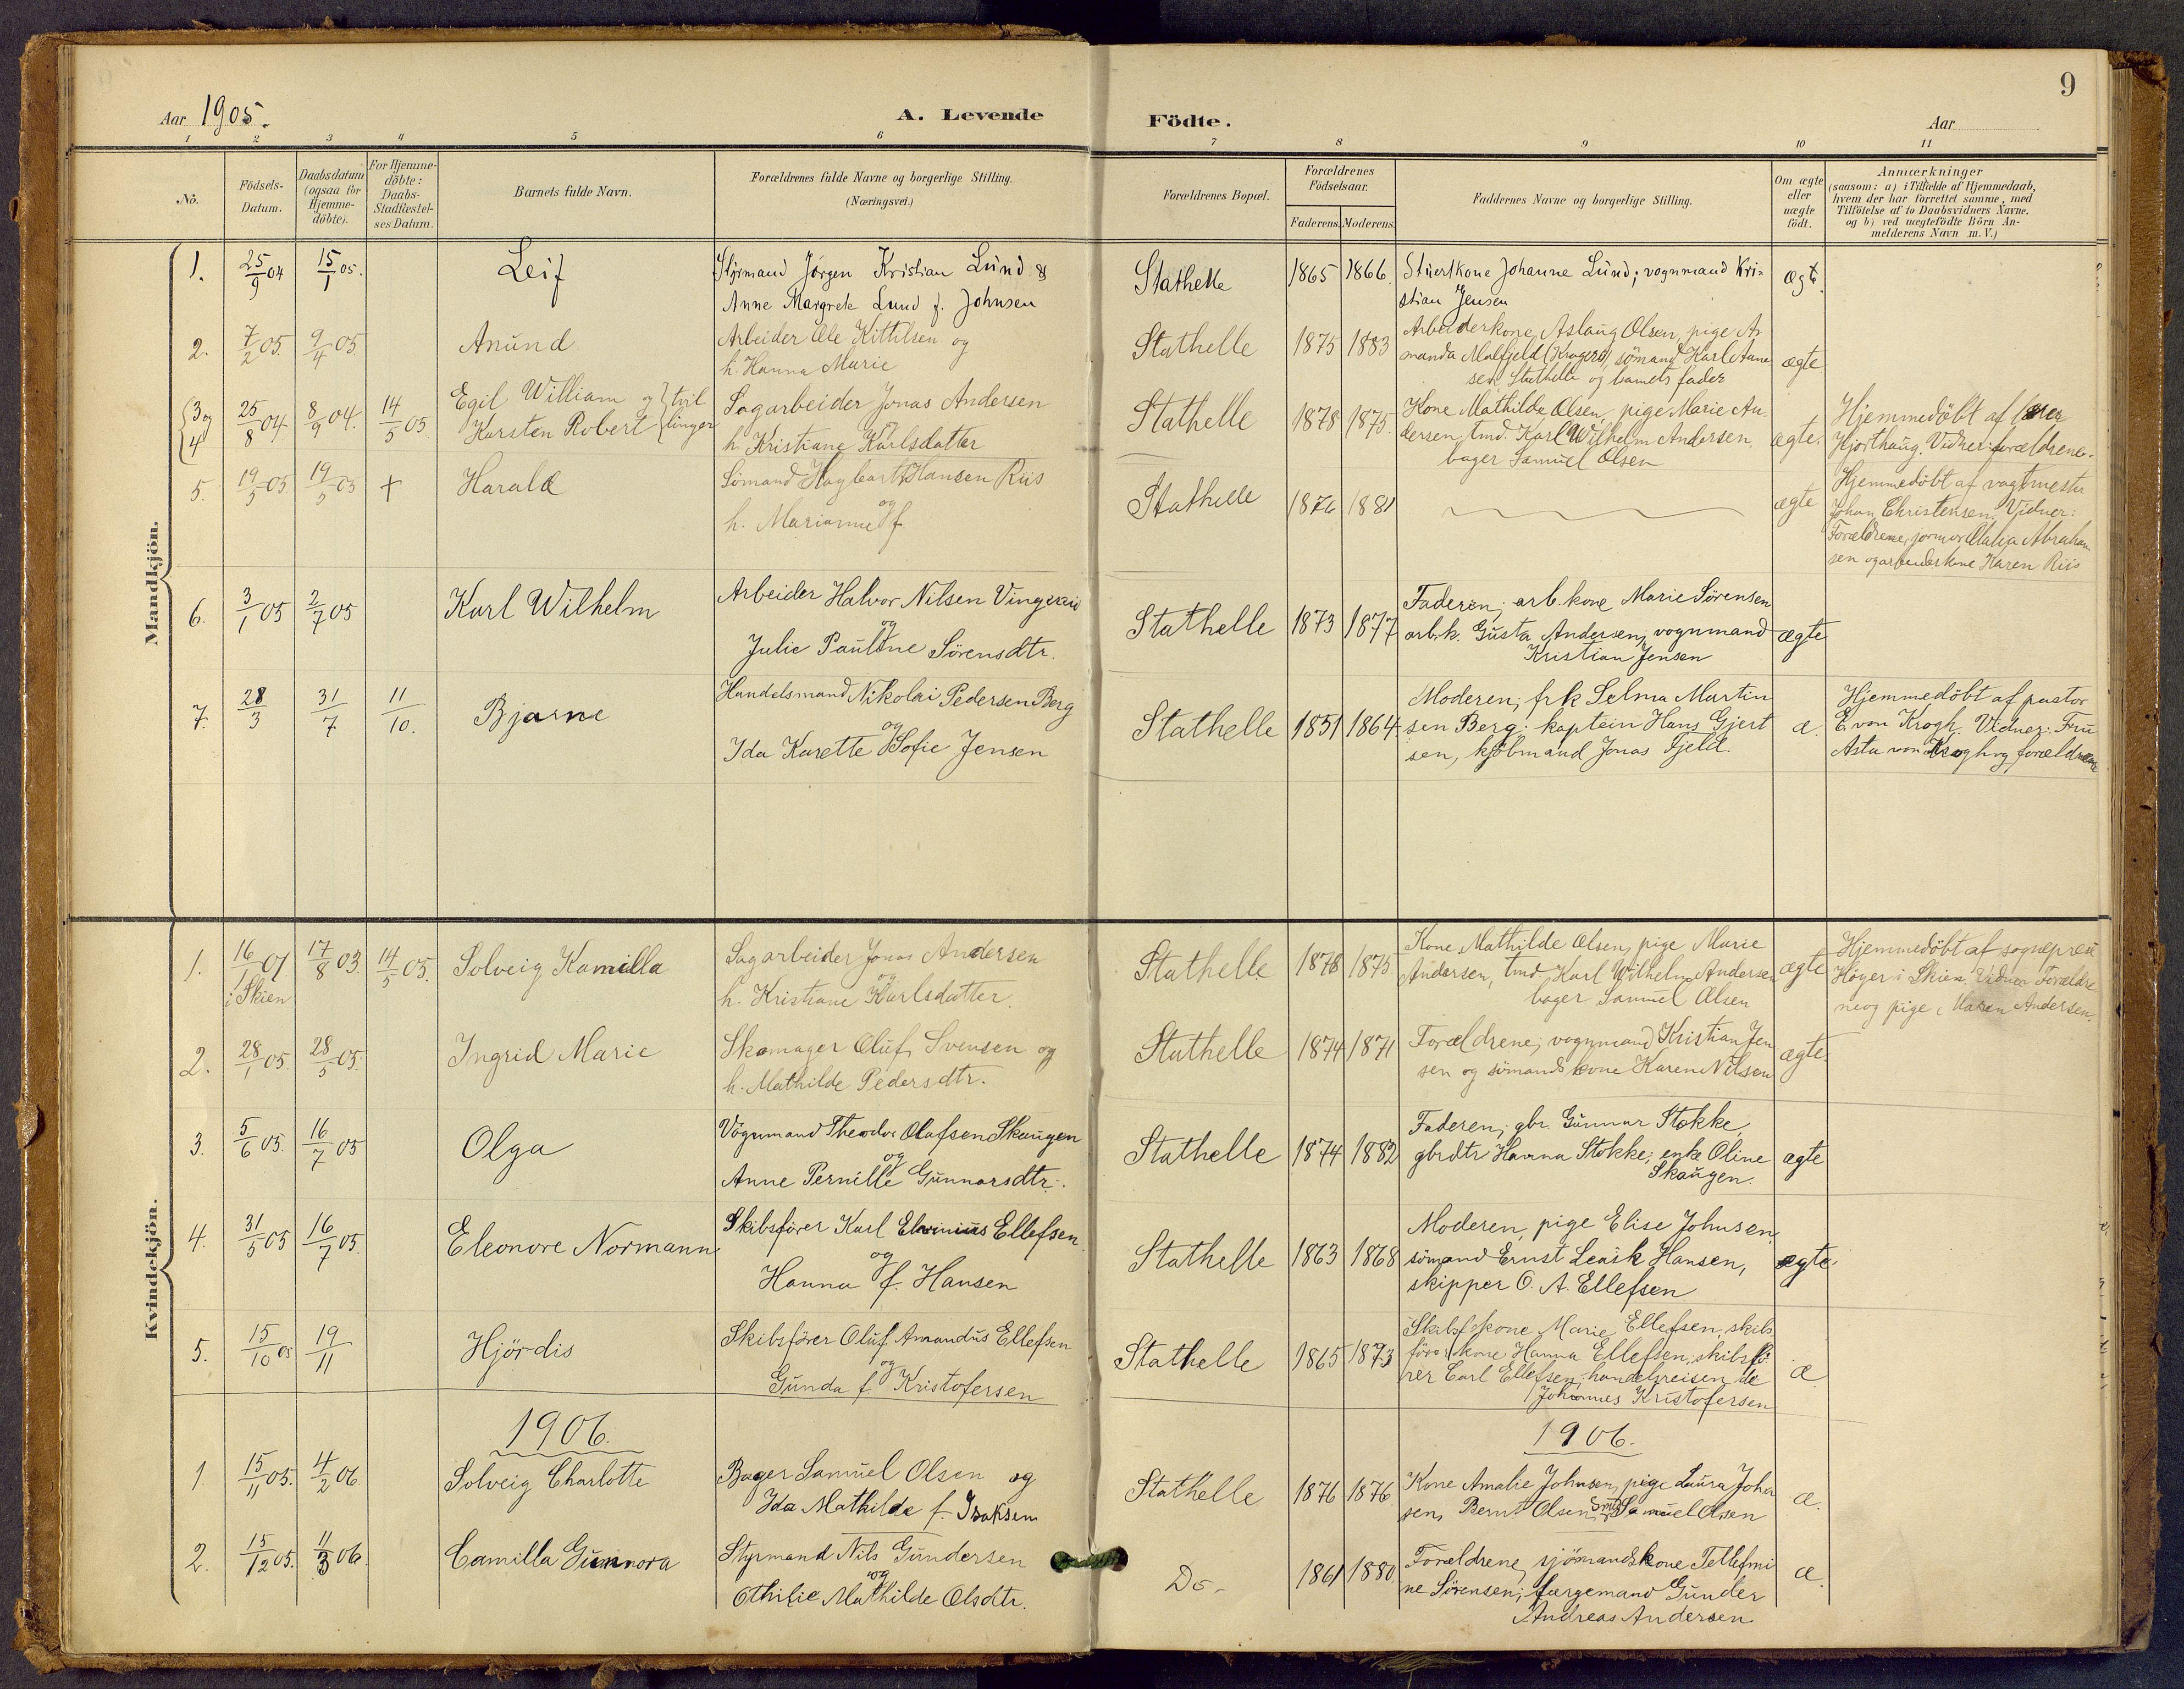 SAKO, Bamble kirkebøker, F/Fb/L0002: Ministerialbok nr. II 2, 1900-1921, s. 9